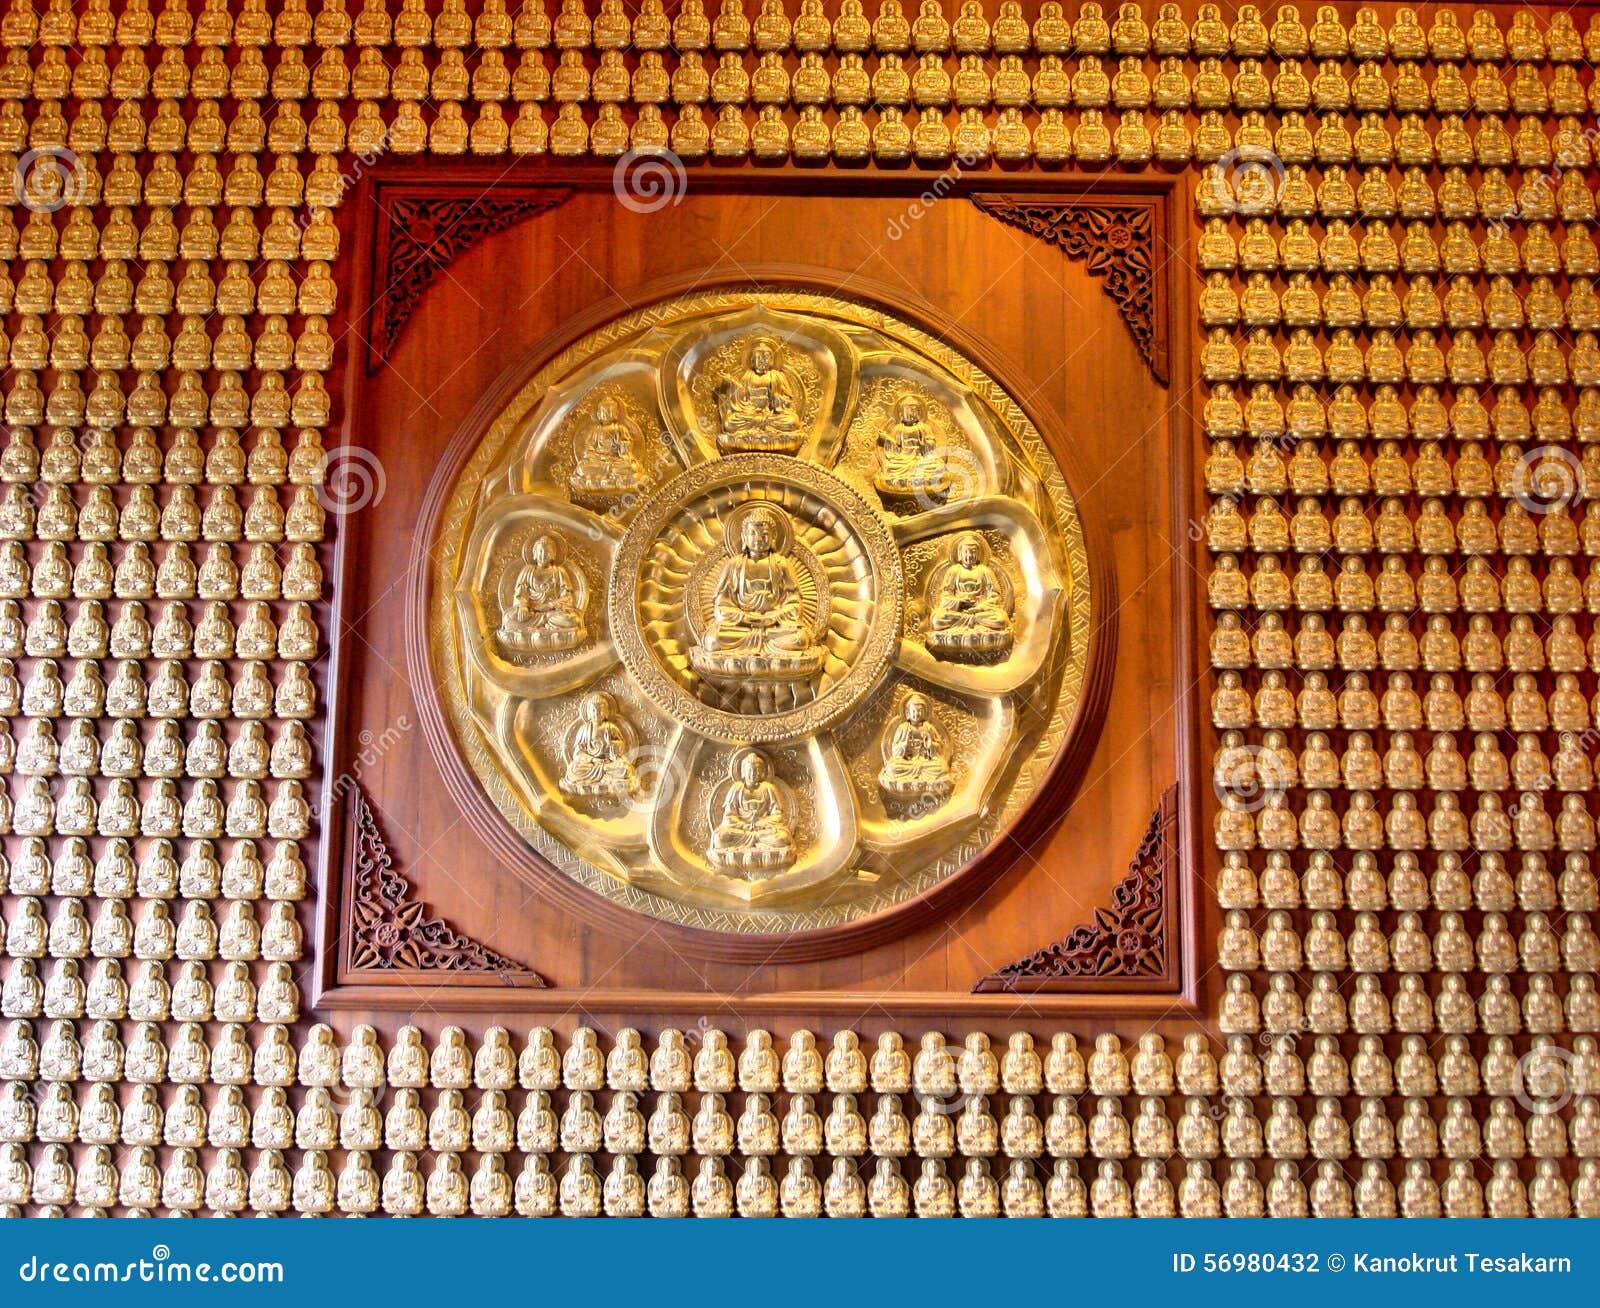 Buddha Sculpture at Dragon Temple Kammalawat